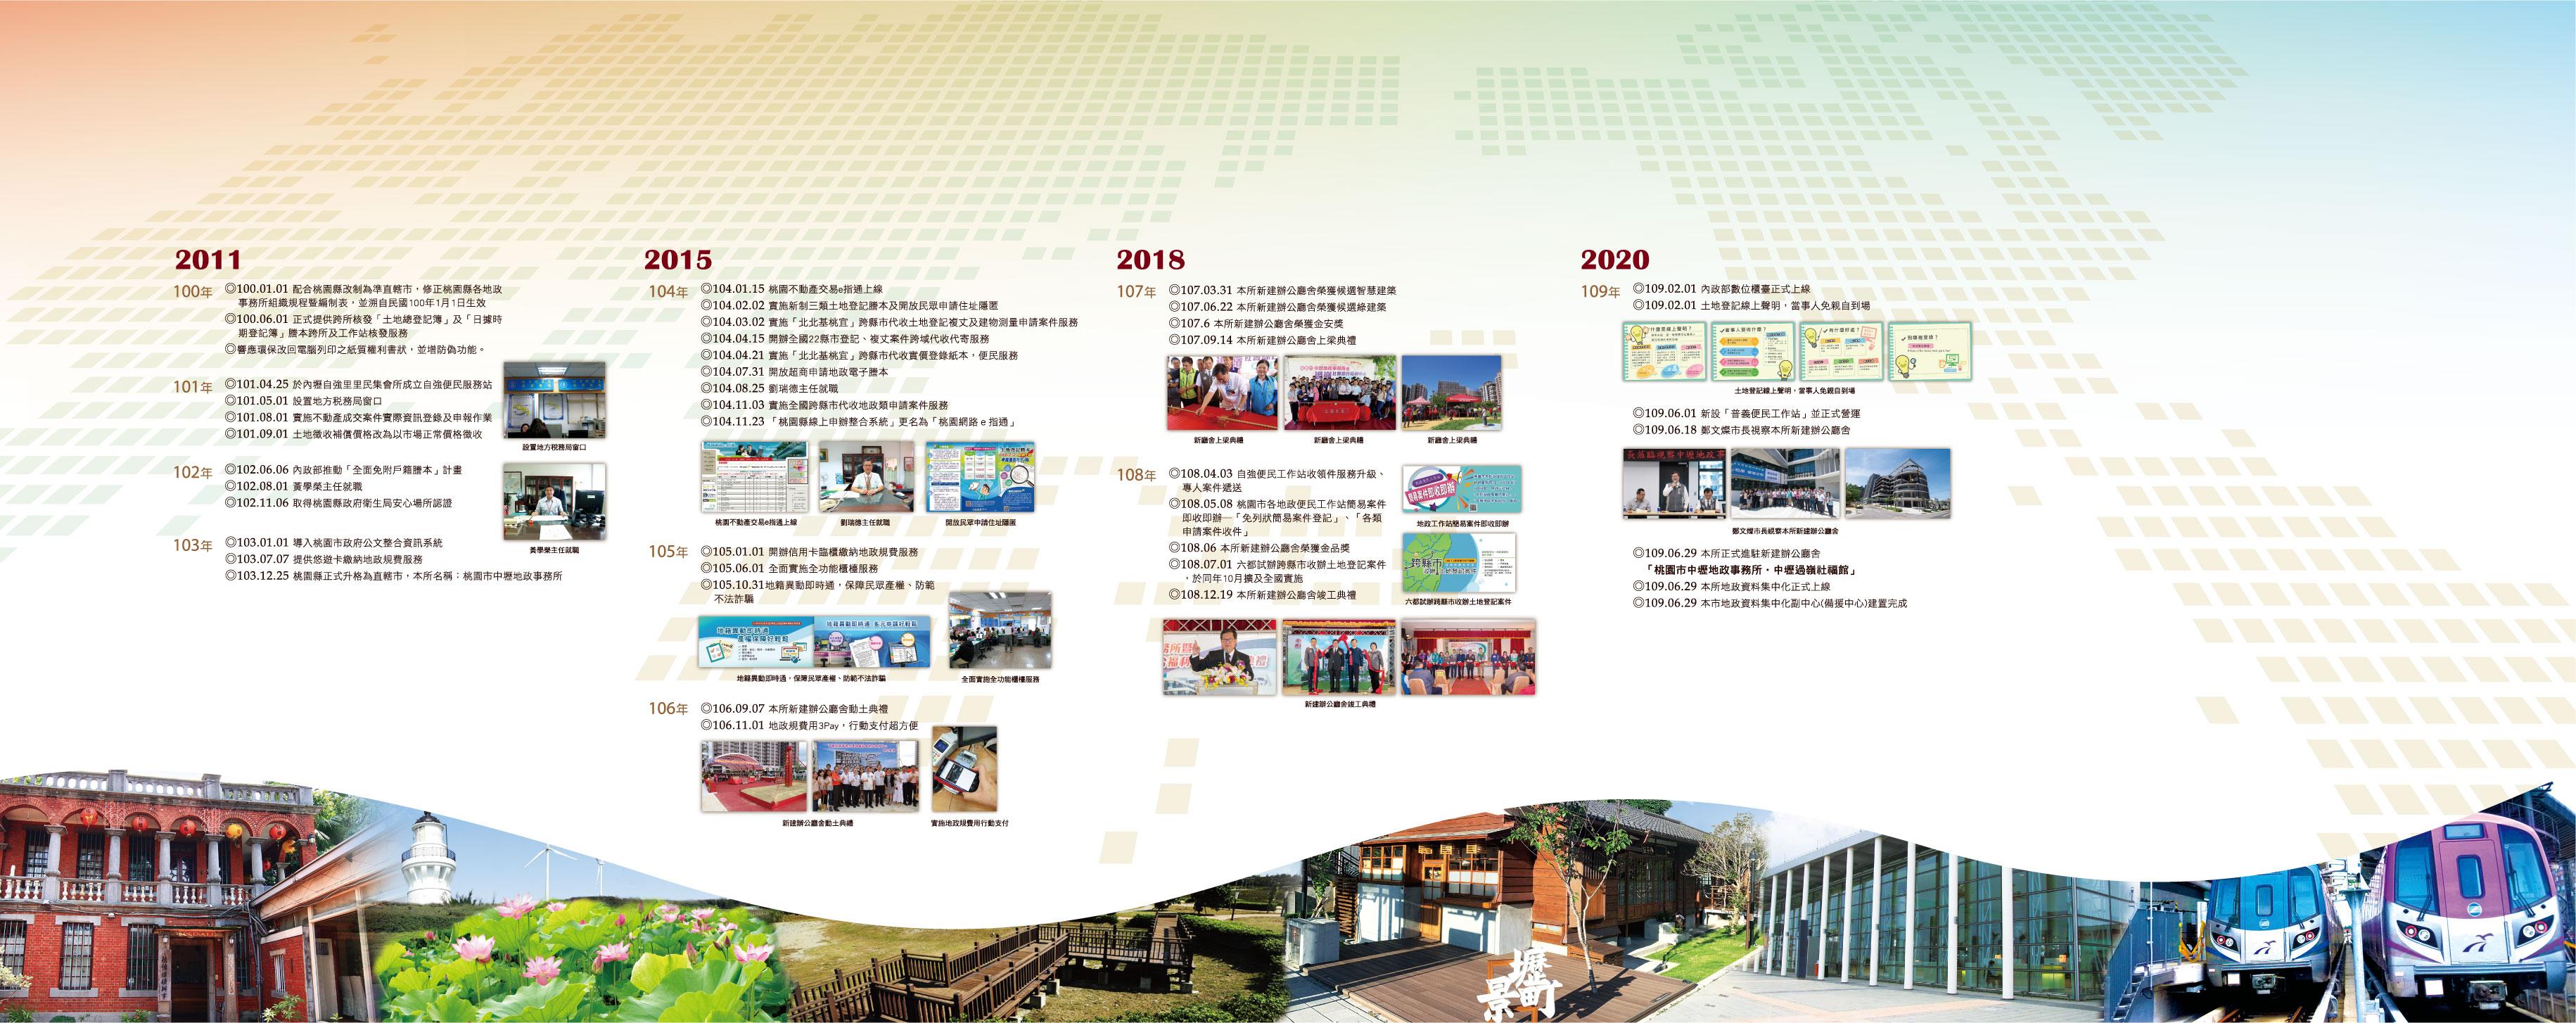 2011~2020大事紀